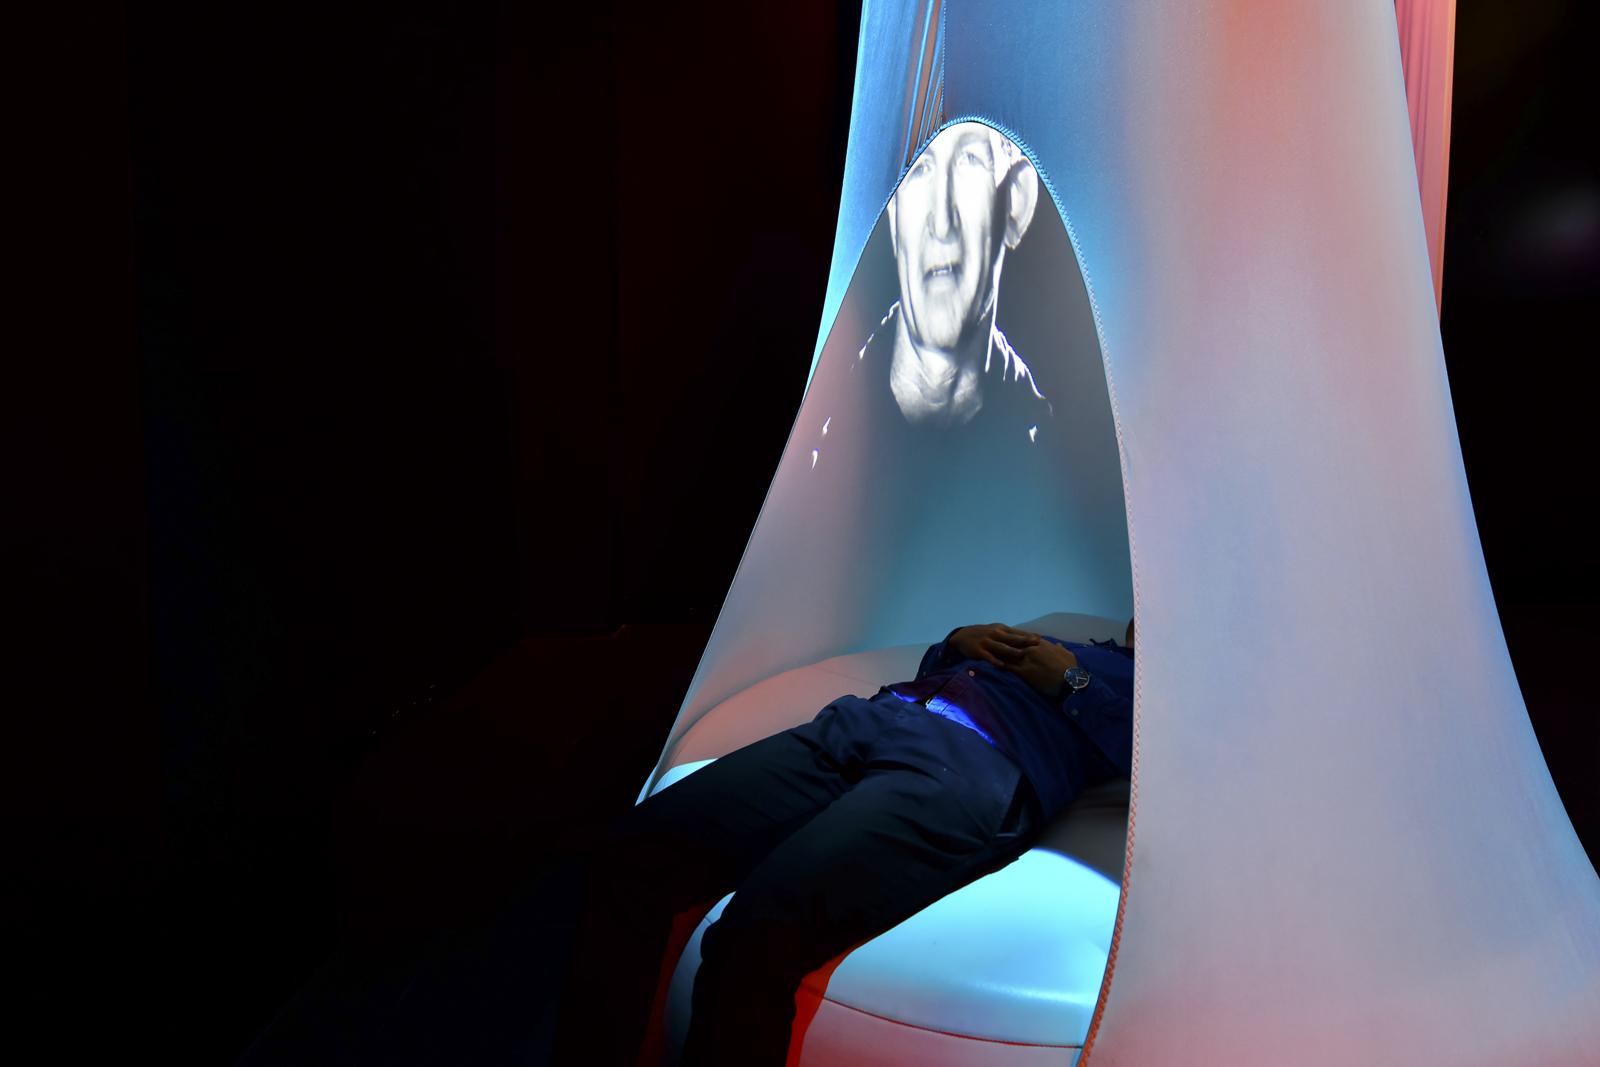 MOD. Sleep Ops Exhibition Image 2